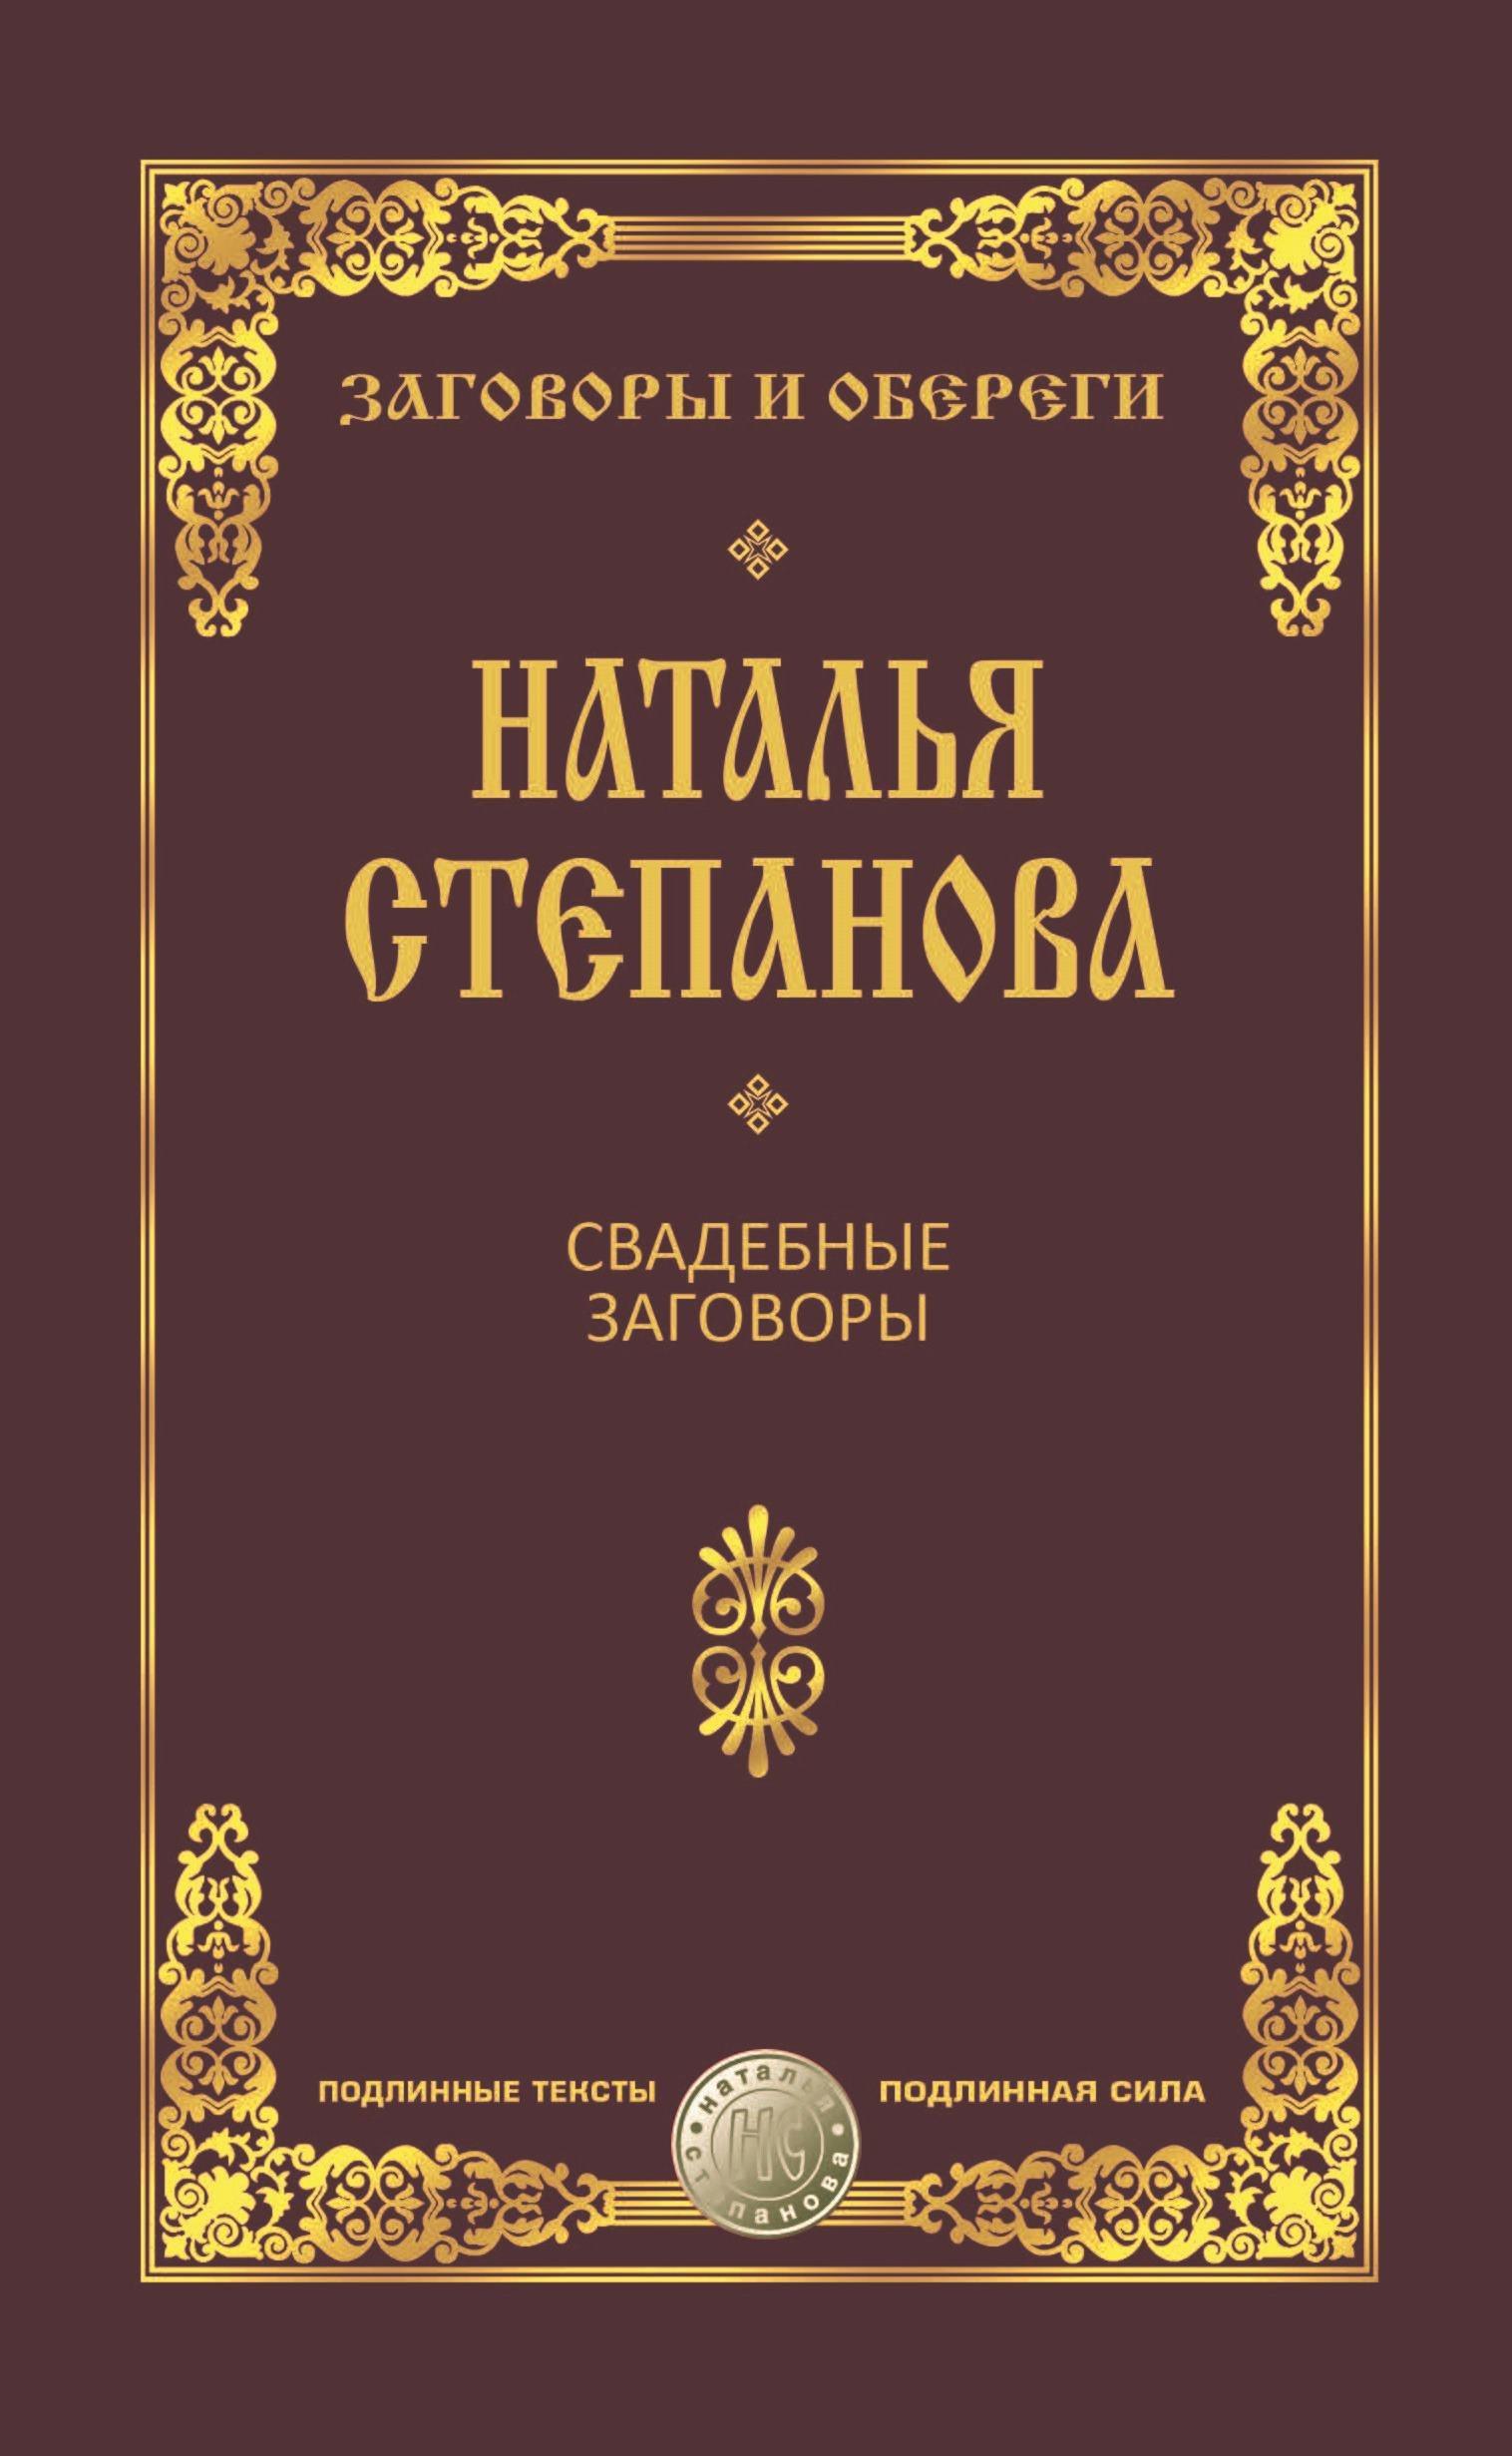 Степанова Наталья Ивановна Свадебные заговоры. Степанова Н.И.